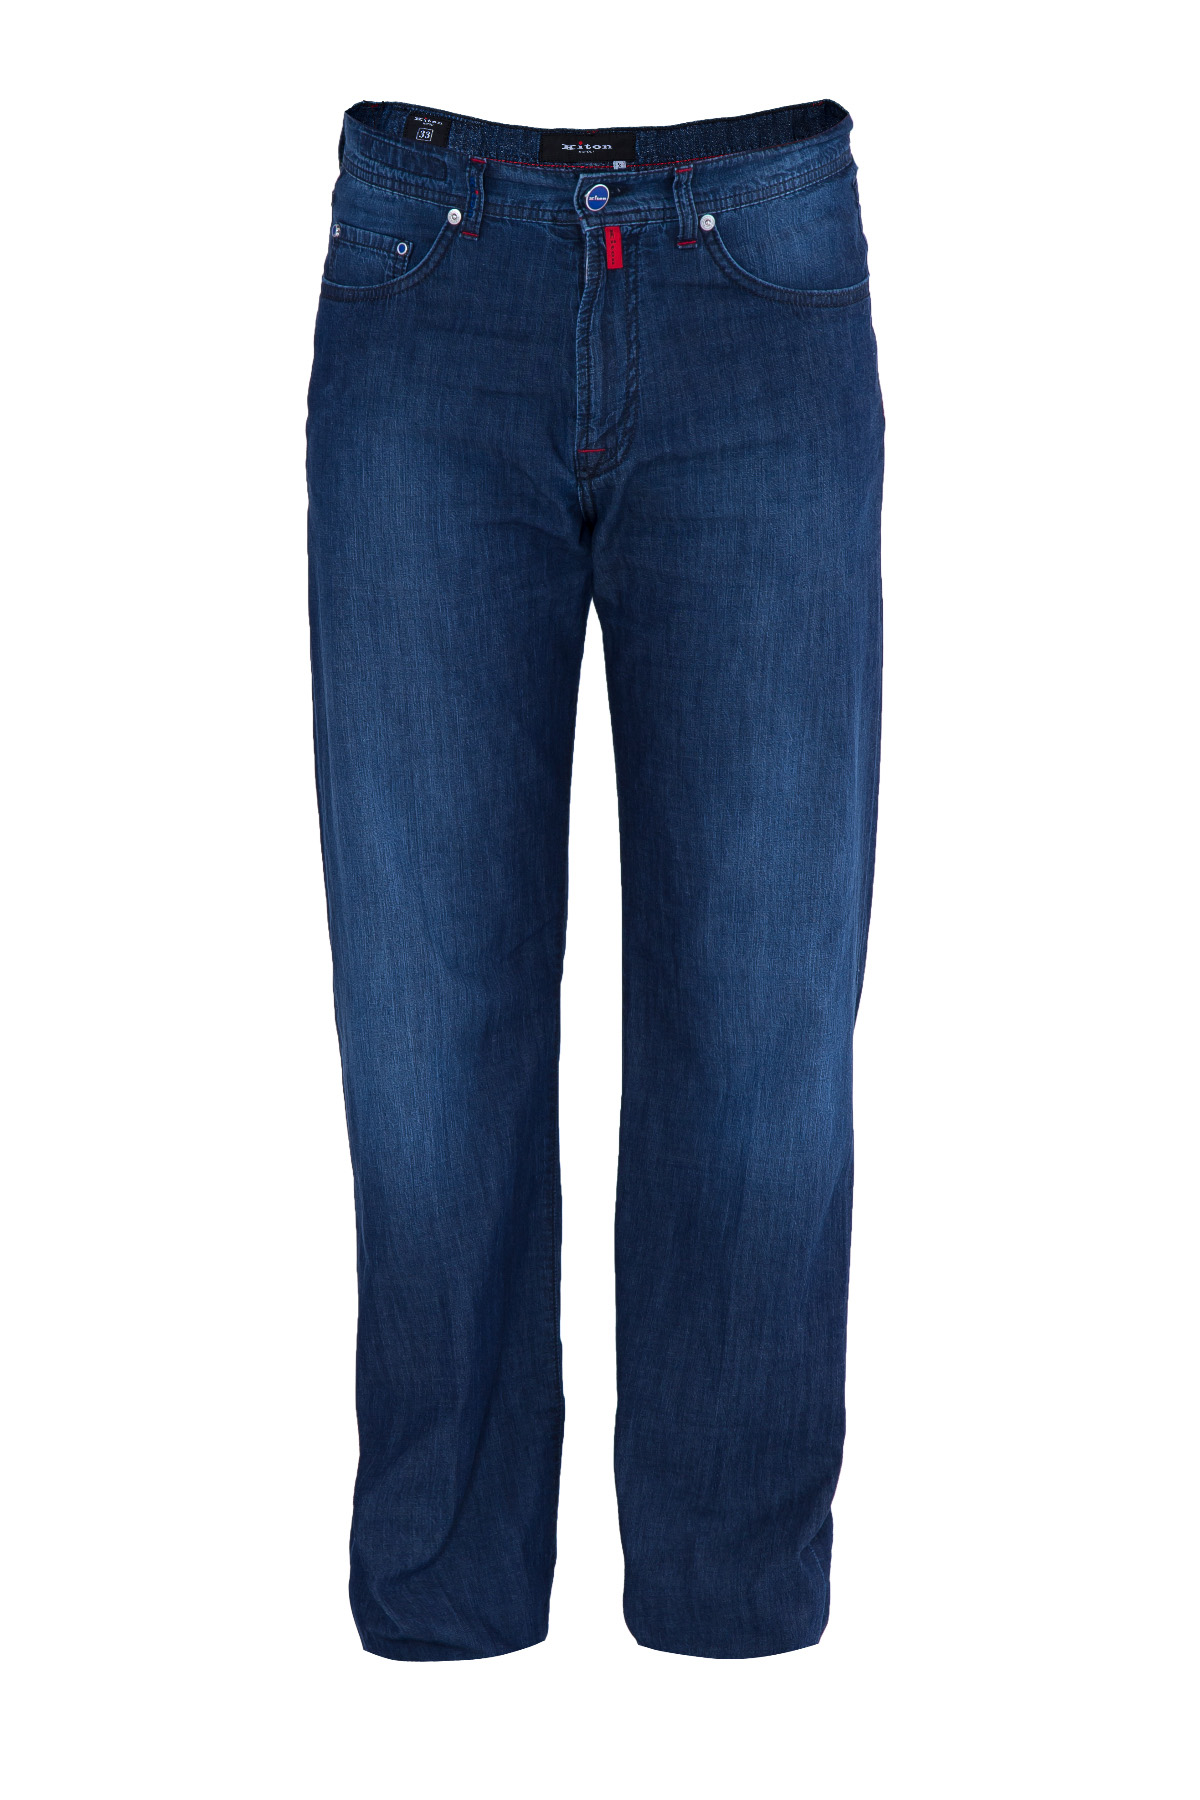 джинсыДжинсы<br><br>Материал: хлопок 100%;